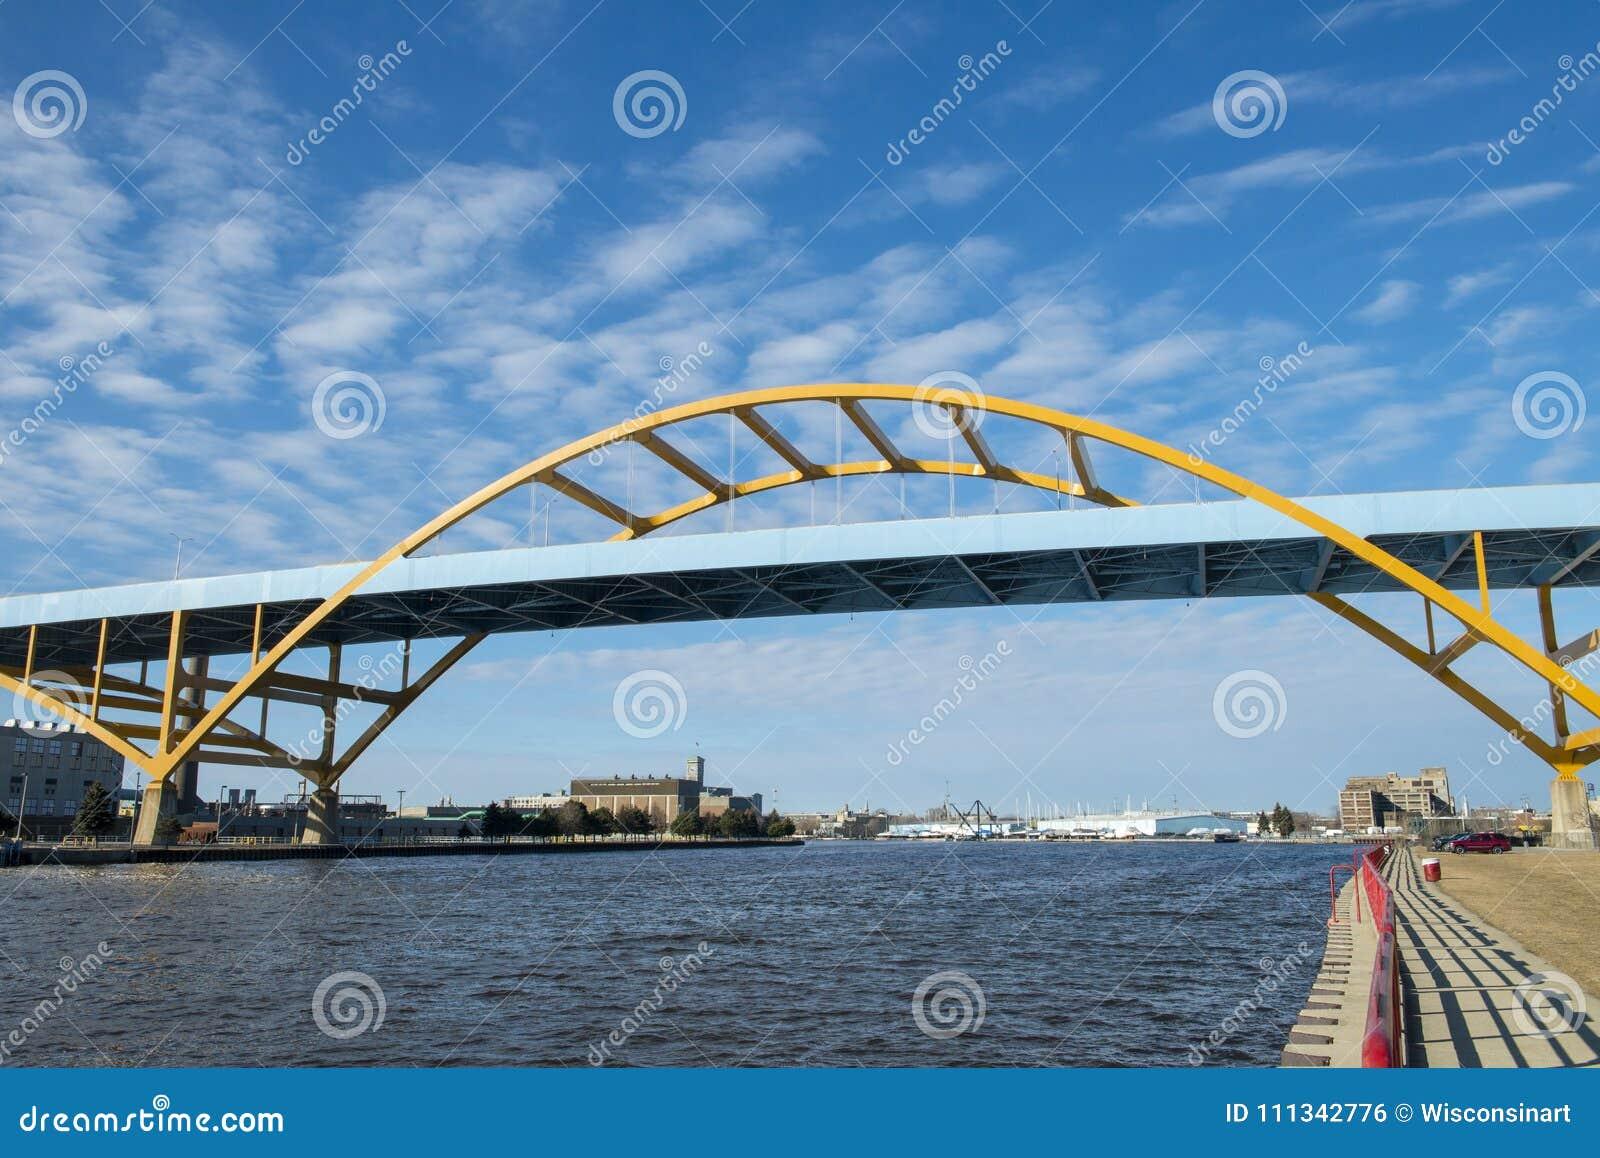 Μιλγουώκι, είσοδος λιμενικών γεφυρών του Ουισκόνσιν